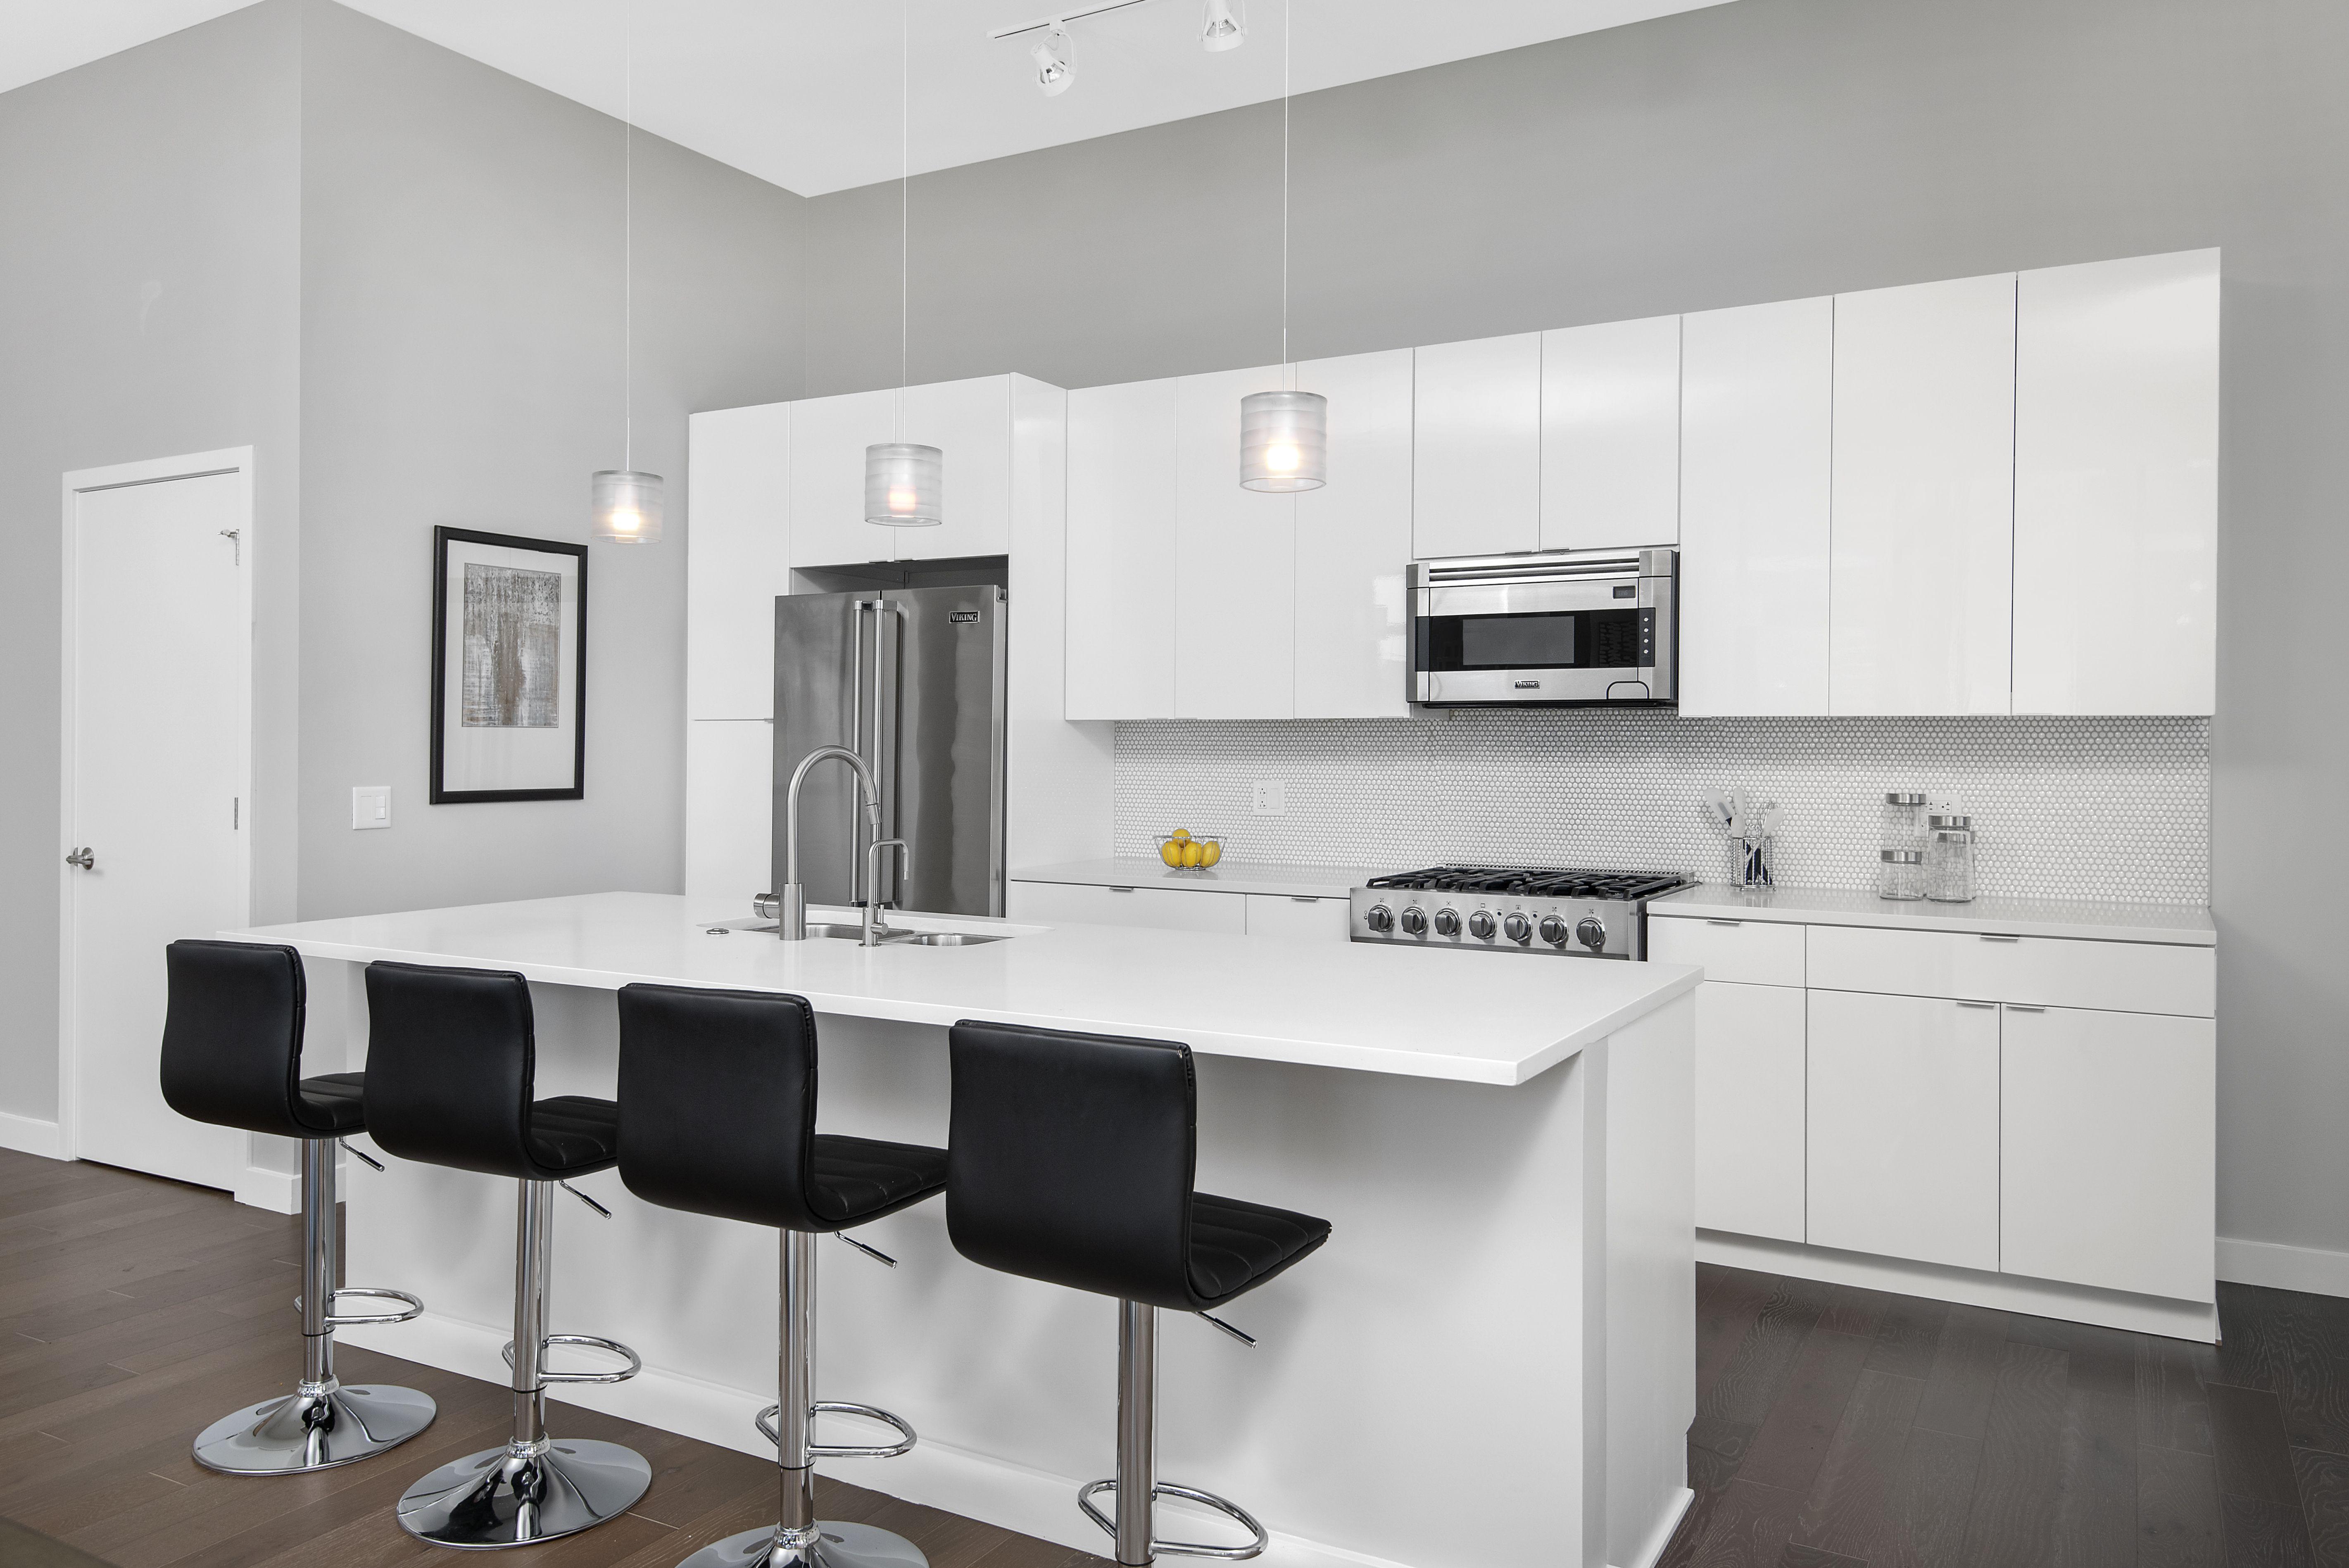 Aurelien Chicago Penthouse Kitchen Design In 2020 Kitchen Design Gloss Cabinets Kitchen